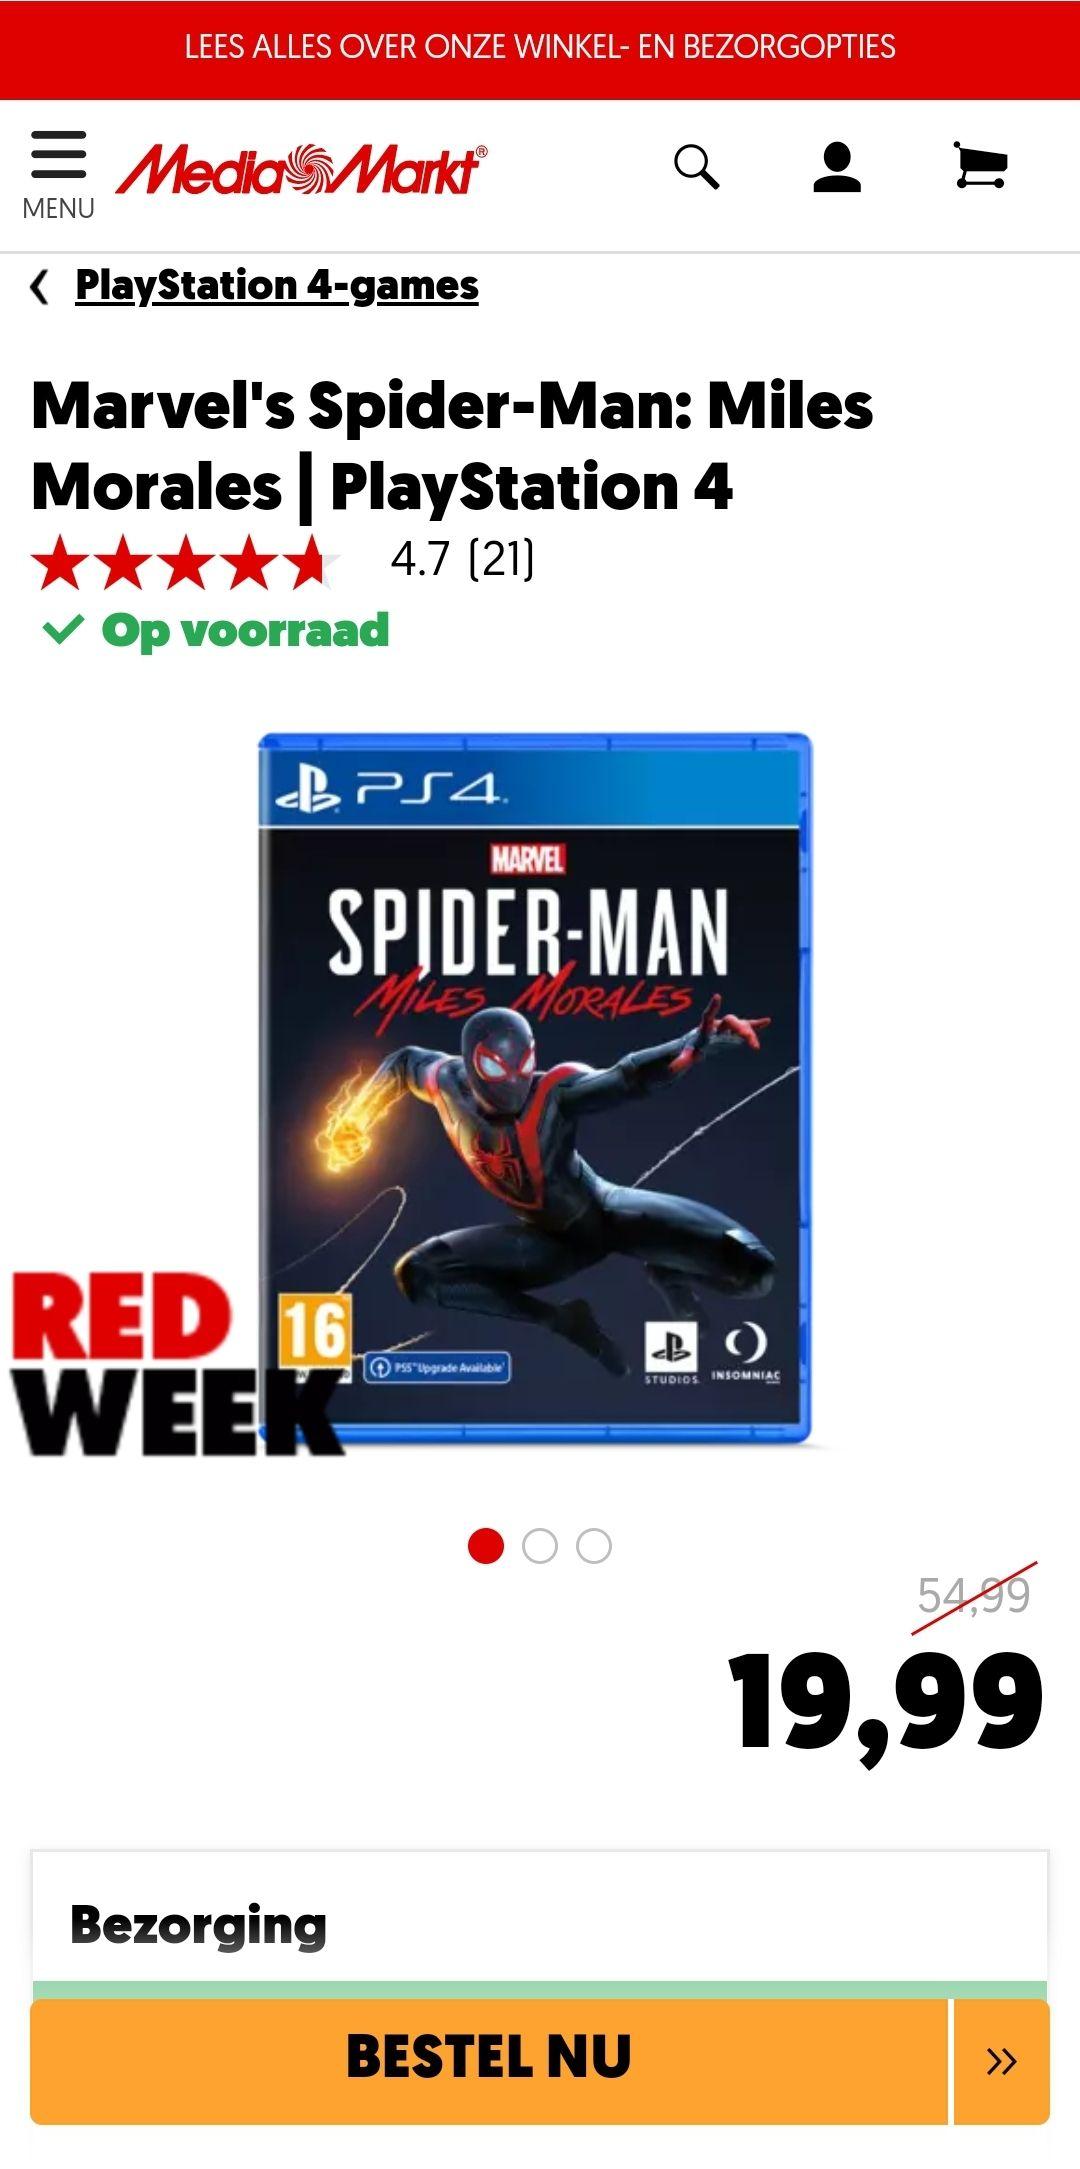 Marvel's Spider-Man: Miles Morales - PS4 (incl. PS5 upgrade) @ MediaMarkt